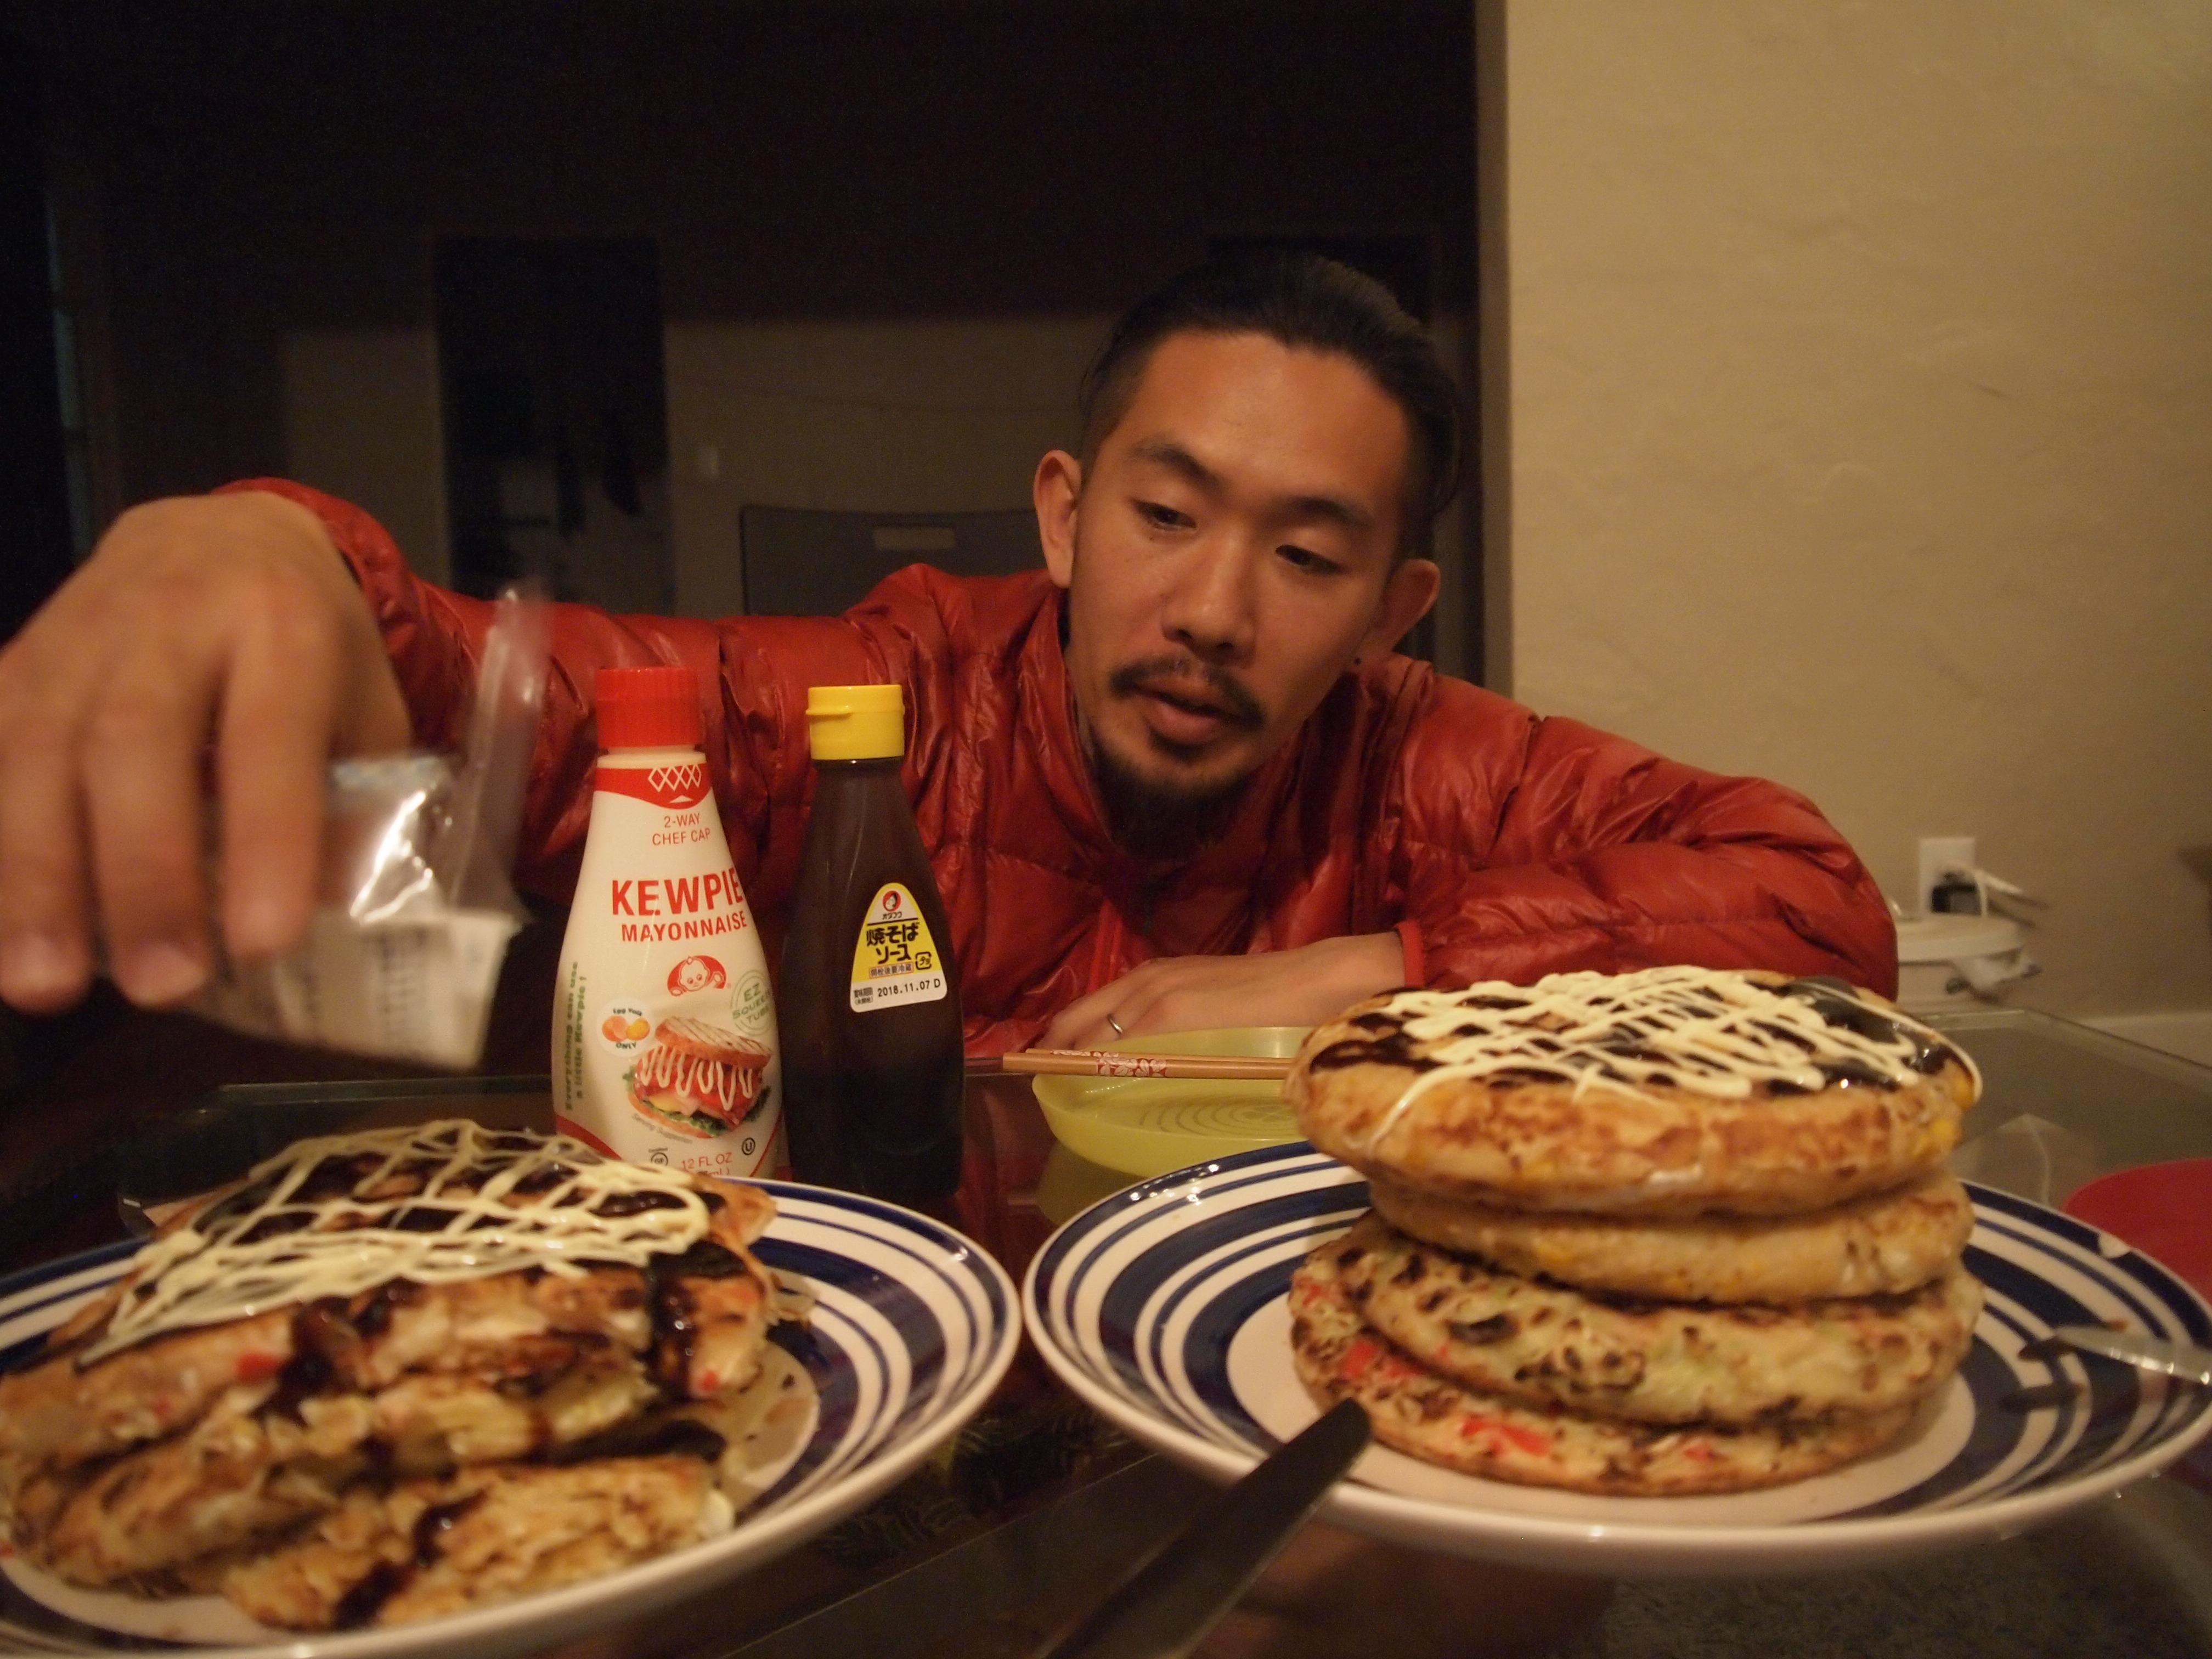 LA,在住,生活,沈没,世界一周,旅,ブログ,友達,日本食,うどん,ケーキ,寿司